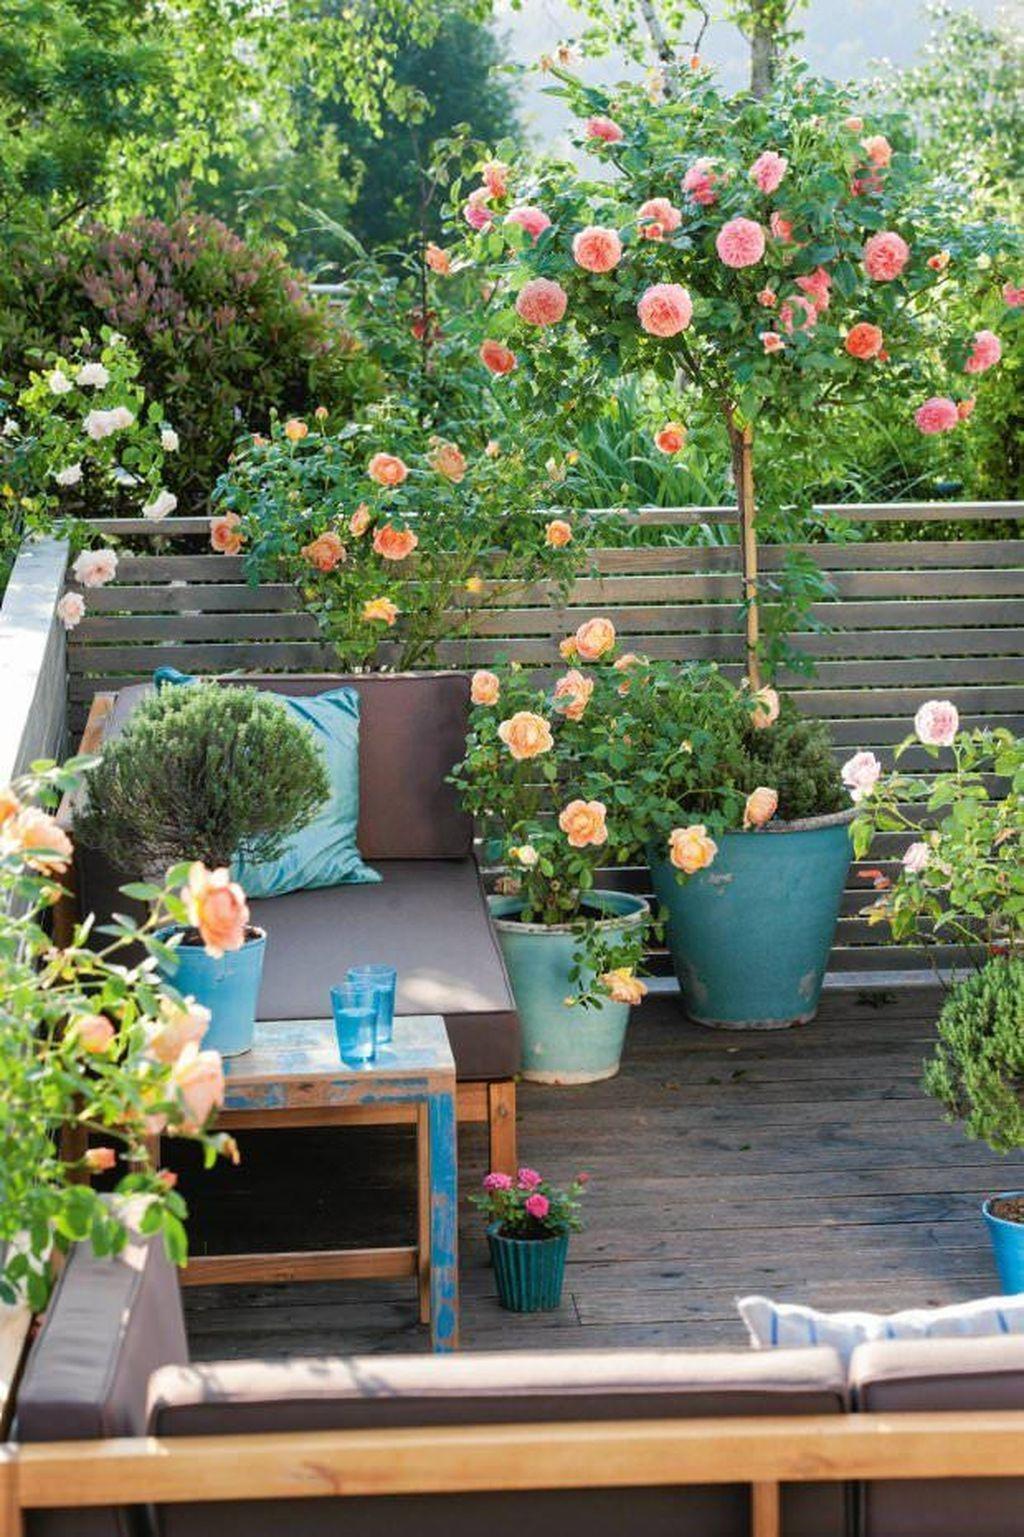 10 Beauty Small Balcony Garden Ideas - Home Bestiest  Small